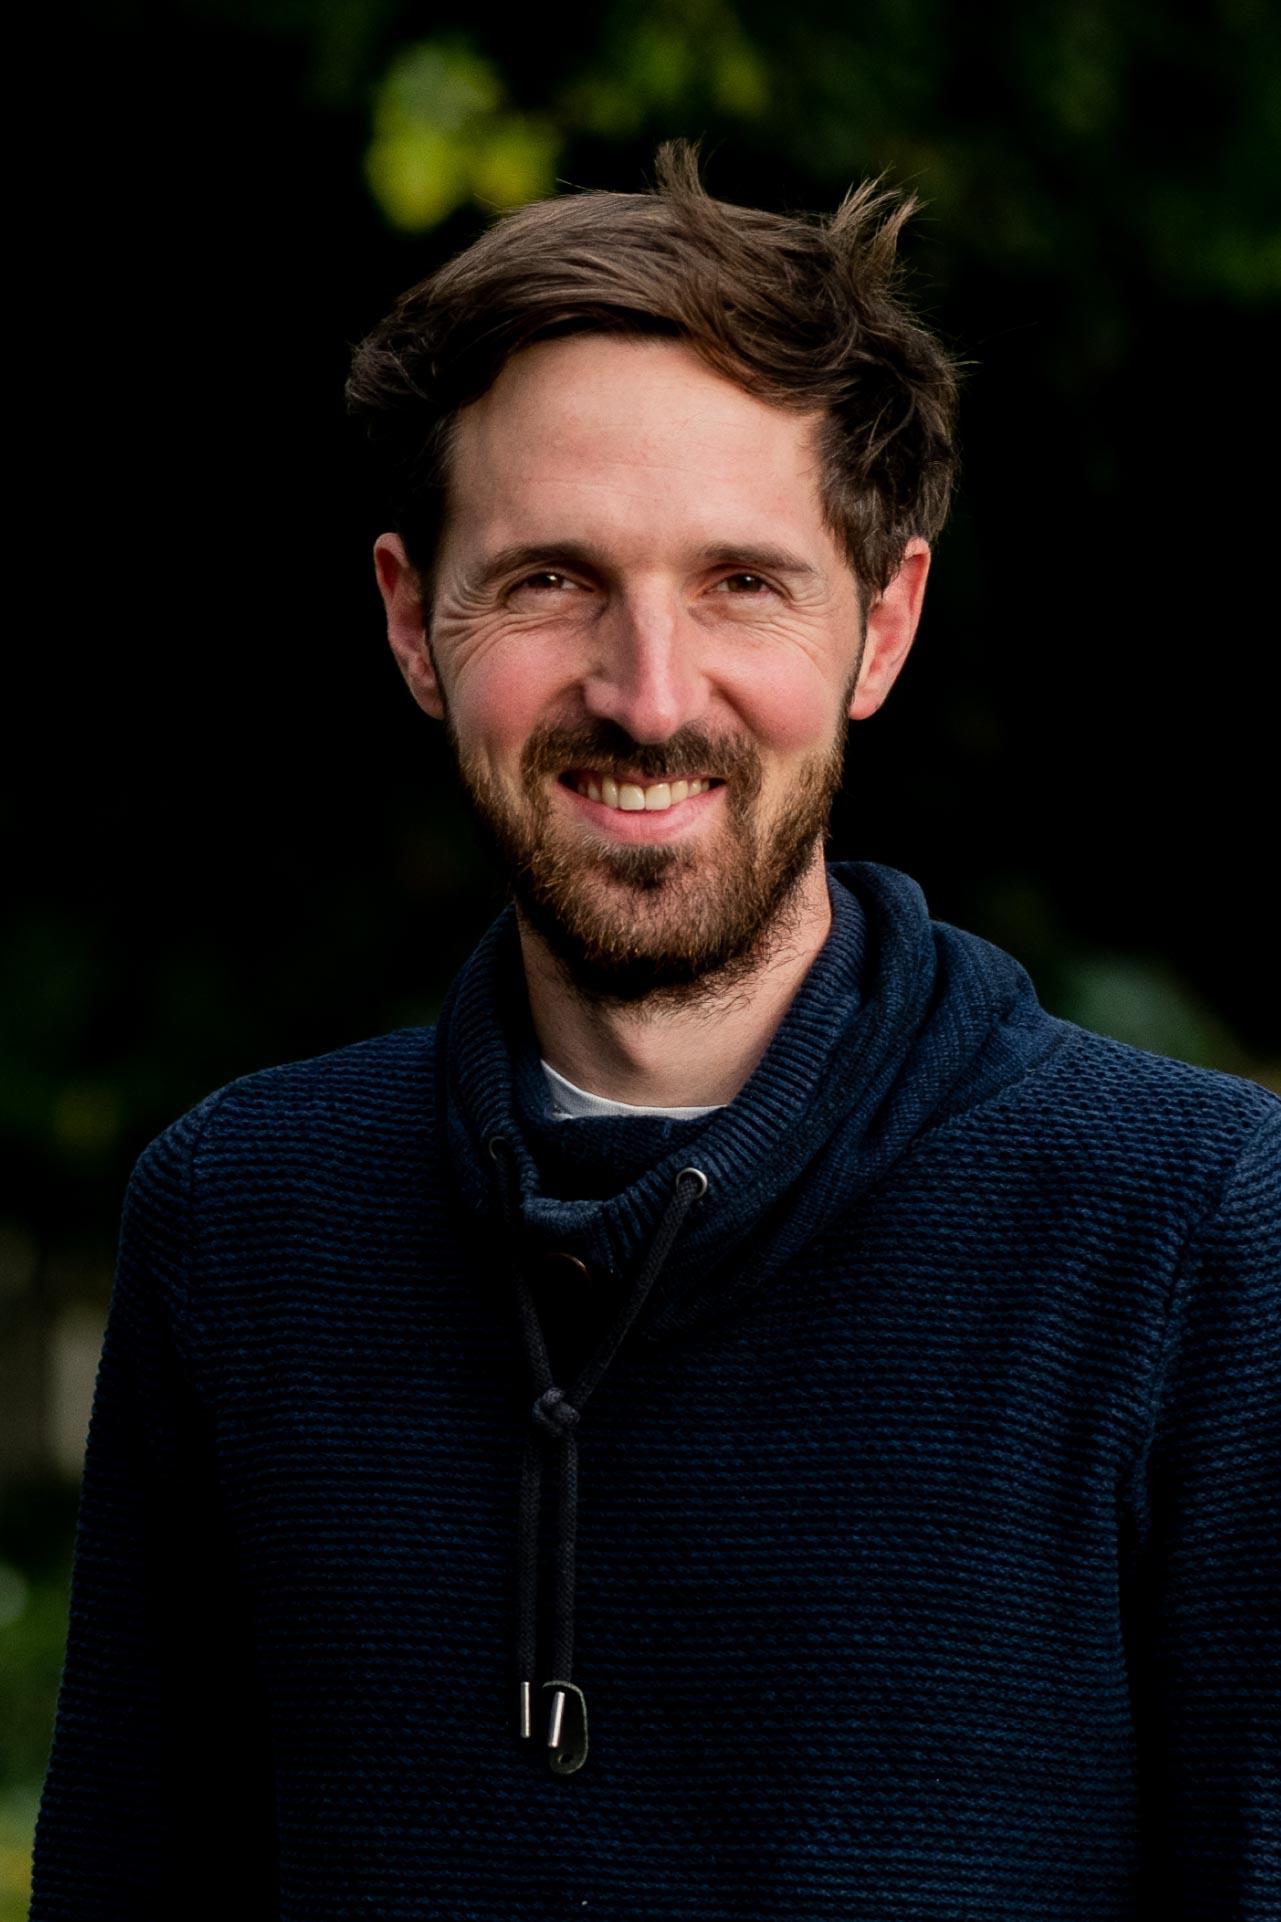 Simon Pfanner (er/ihm)